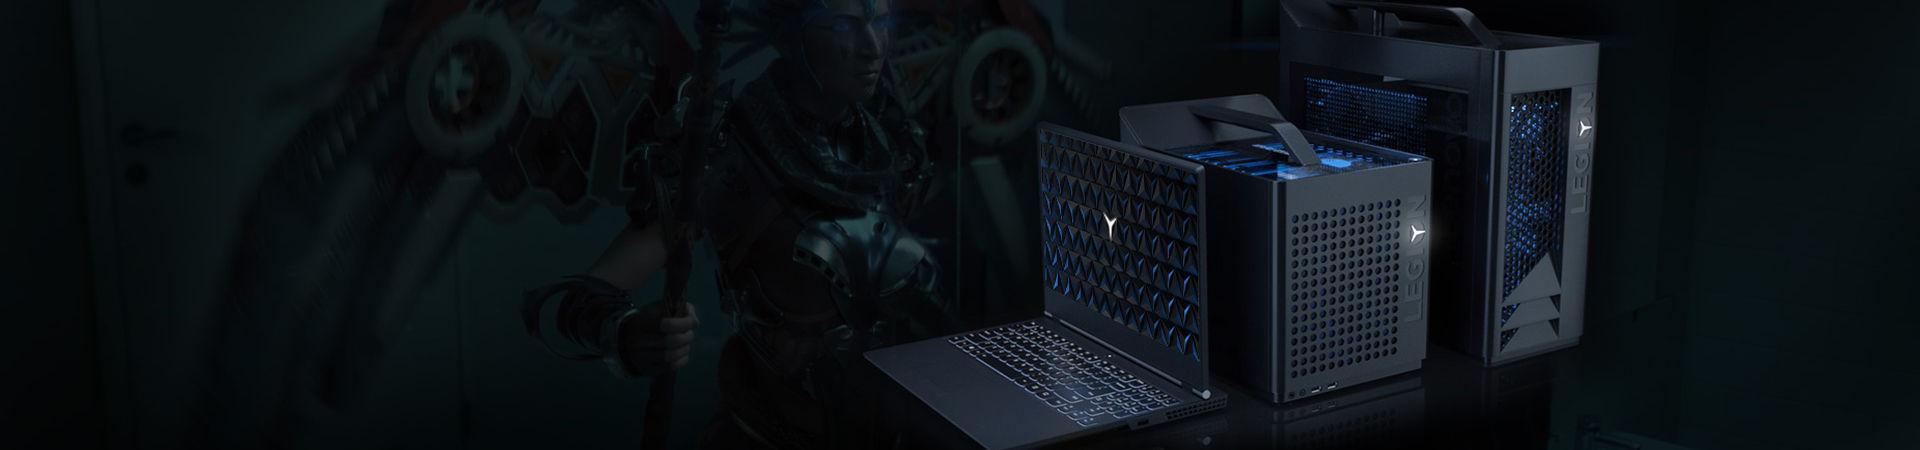 Компьютерное оборудование ИТЦ-М